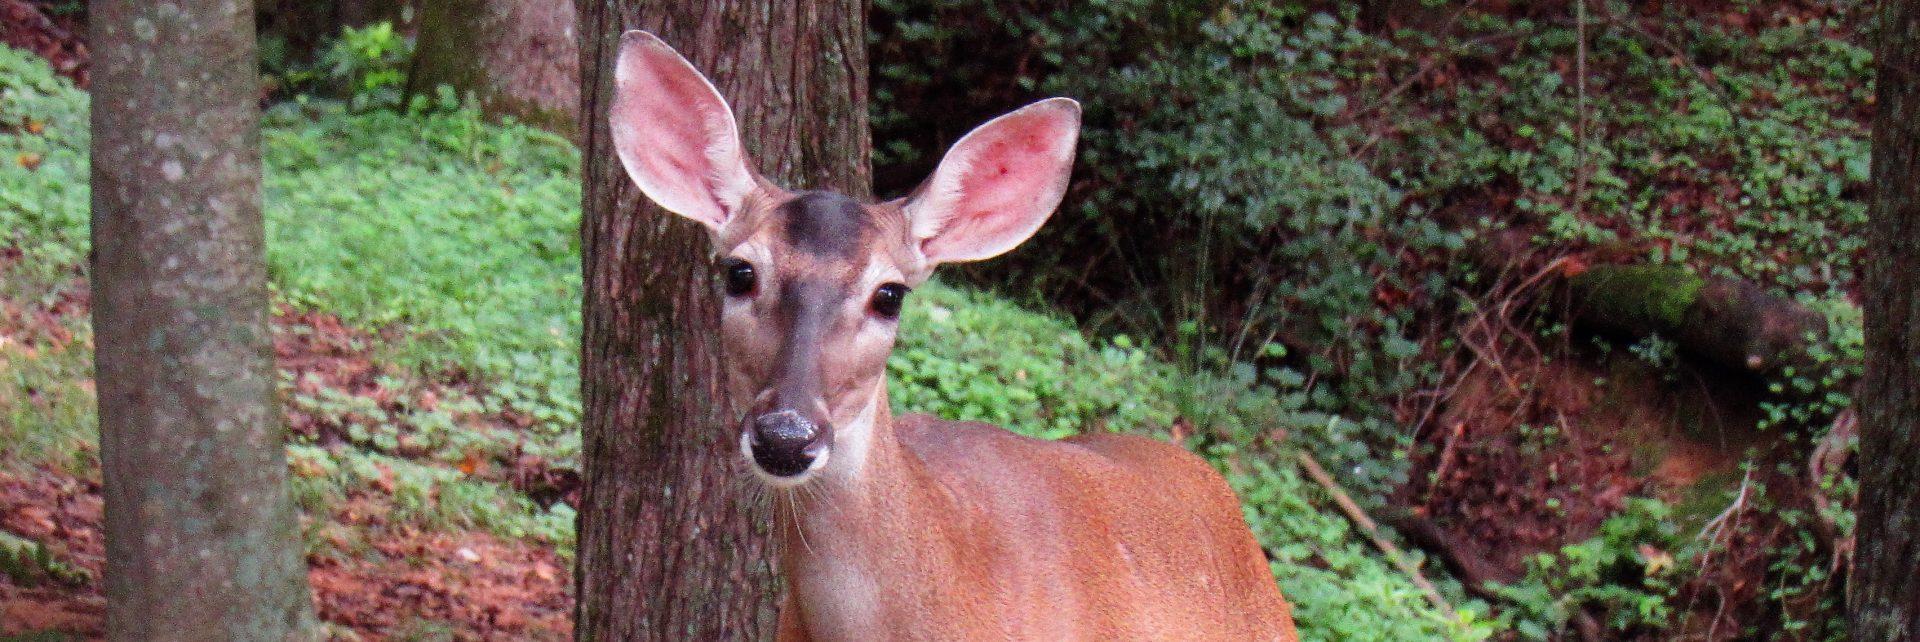 Deer-Diary